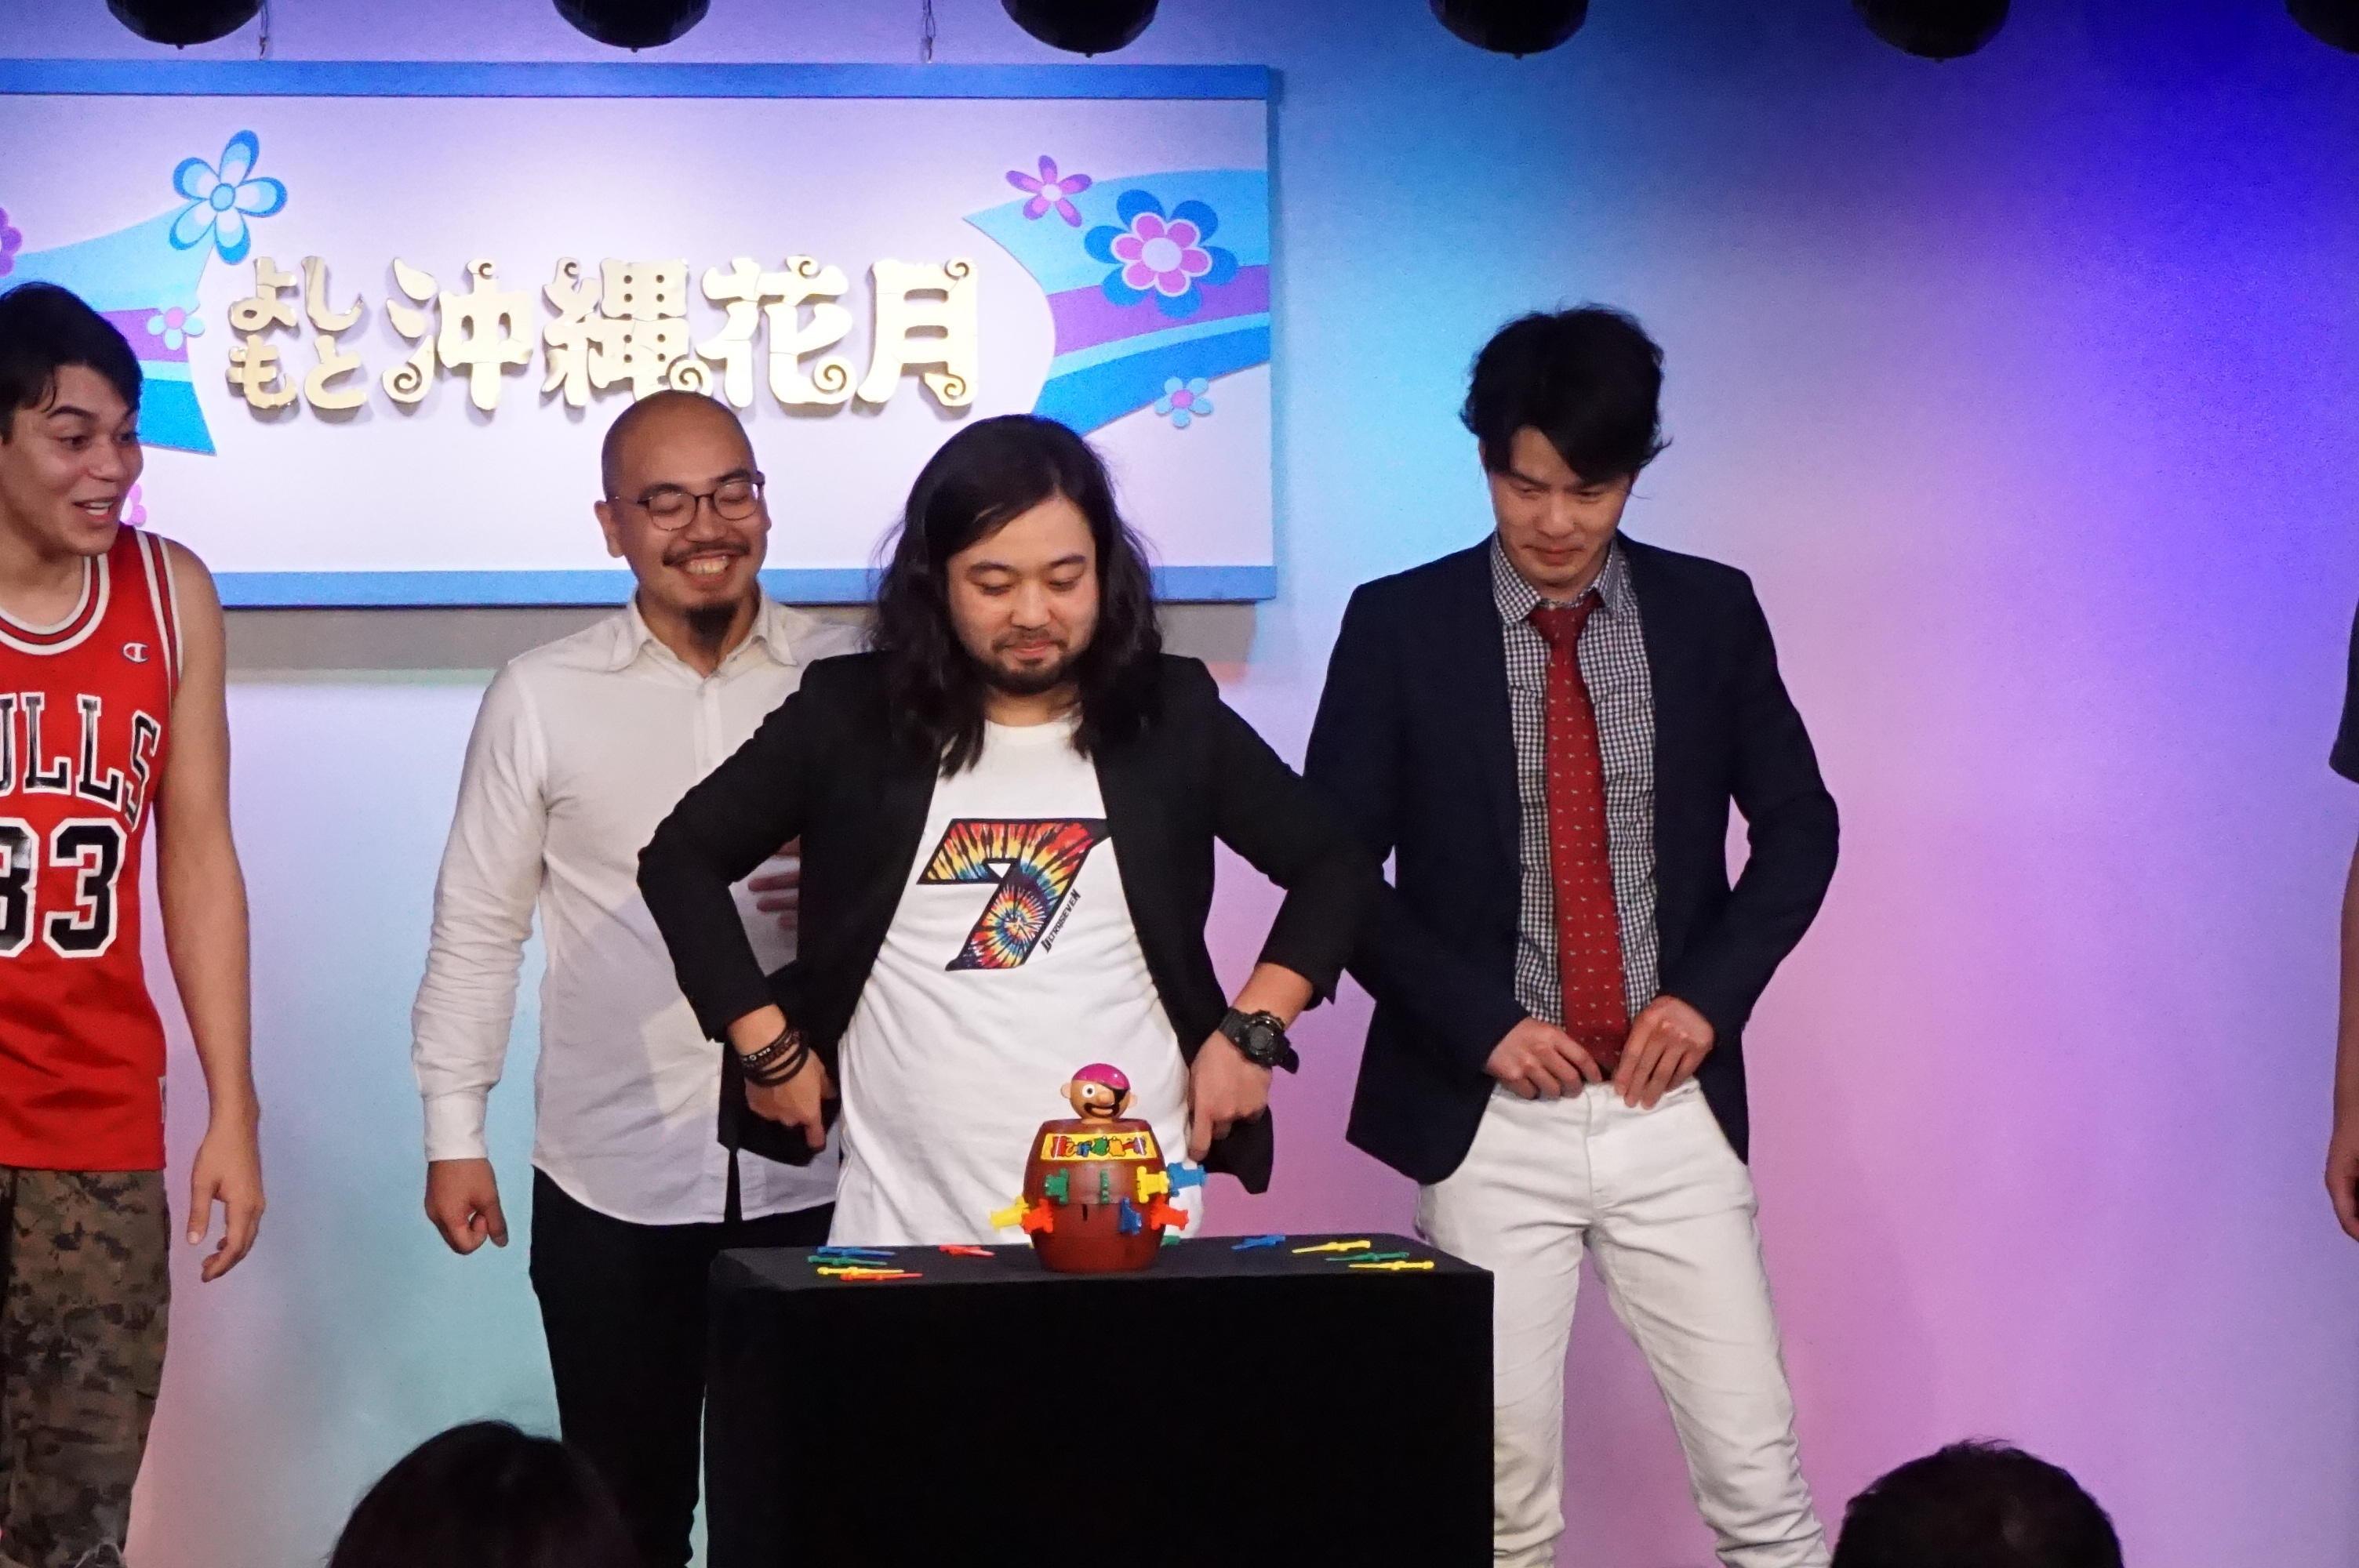 http://news.yoshimoto.co.jp/20180330151207-0d77c3dade06eb631986c7e8a88910e48b032827.jpg